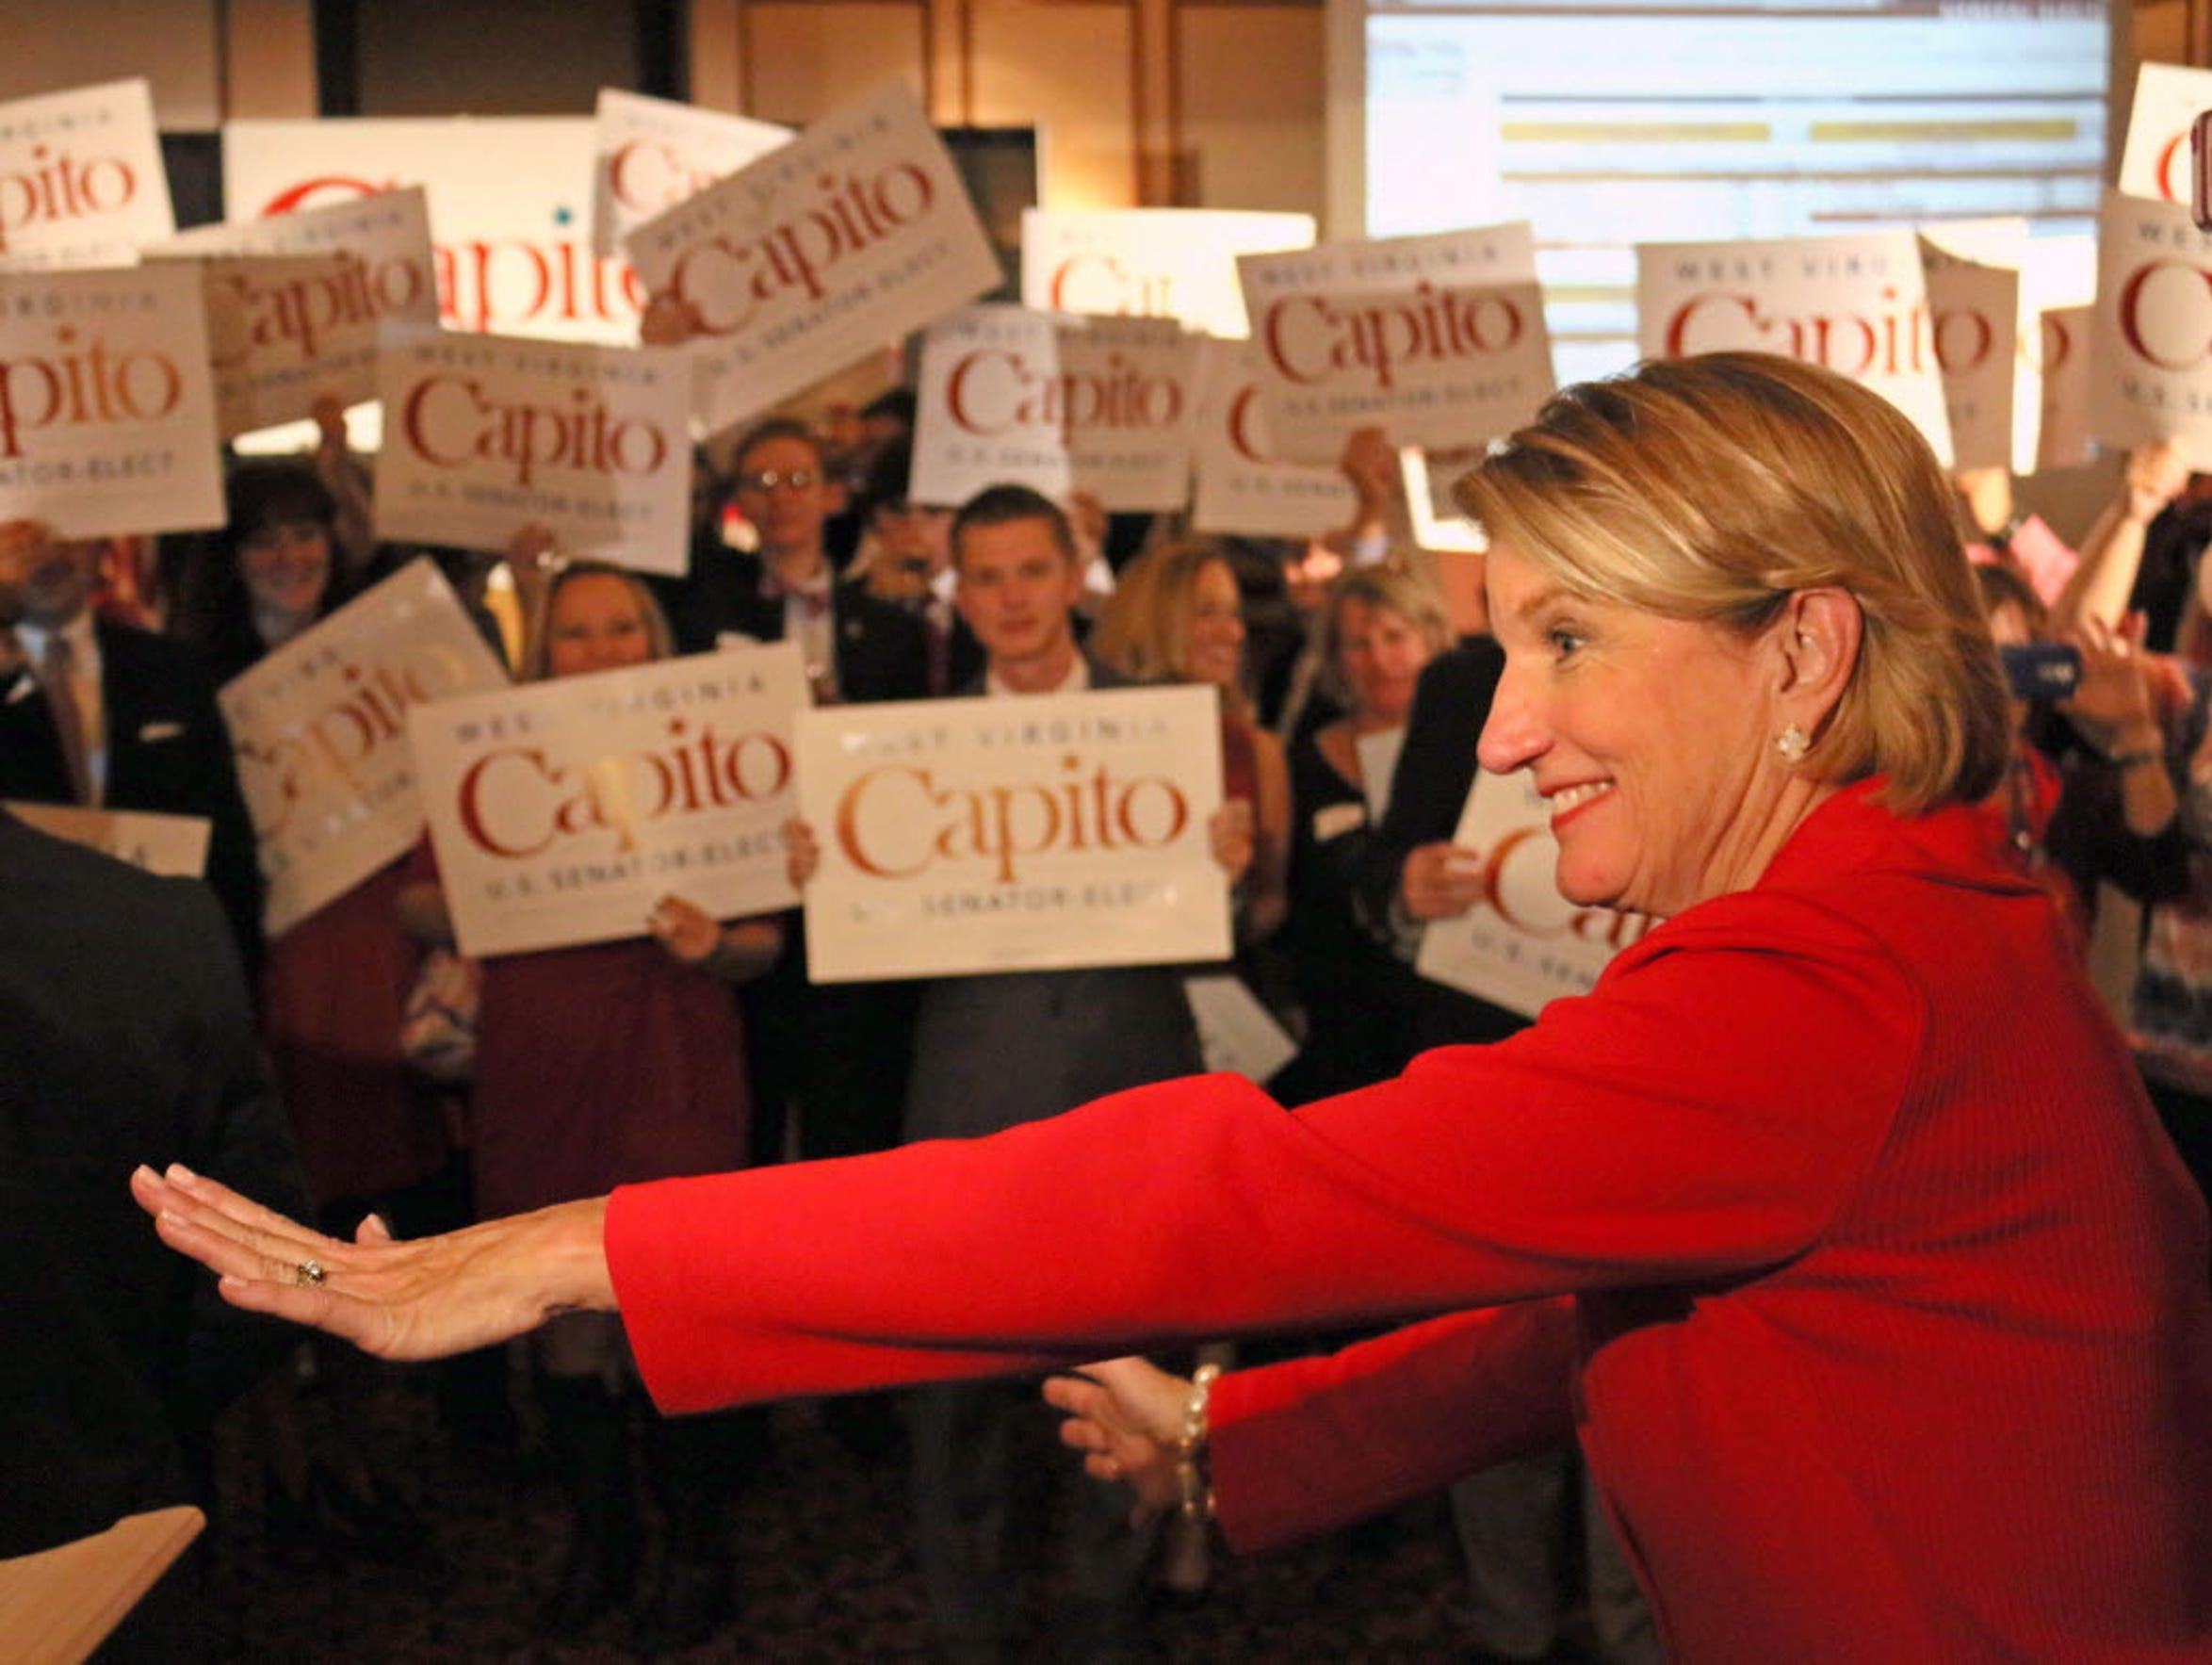 West Virginia Republican Sen.-elect Shelley Moore Capito